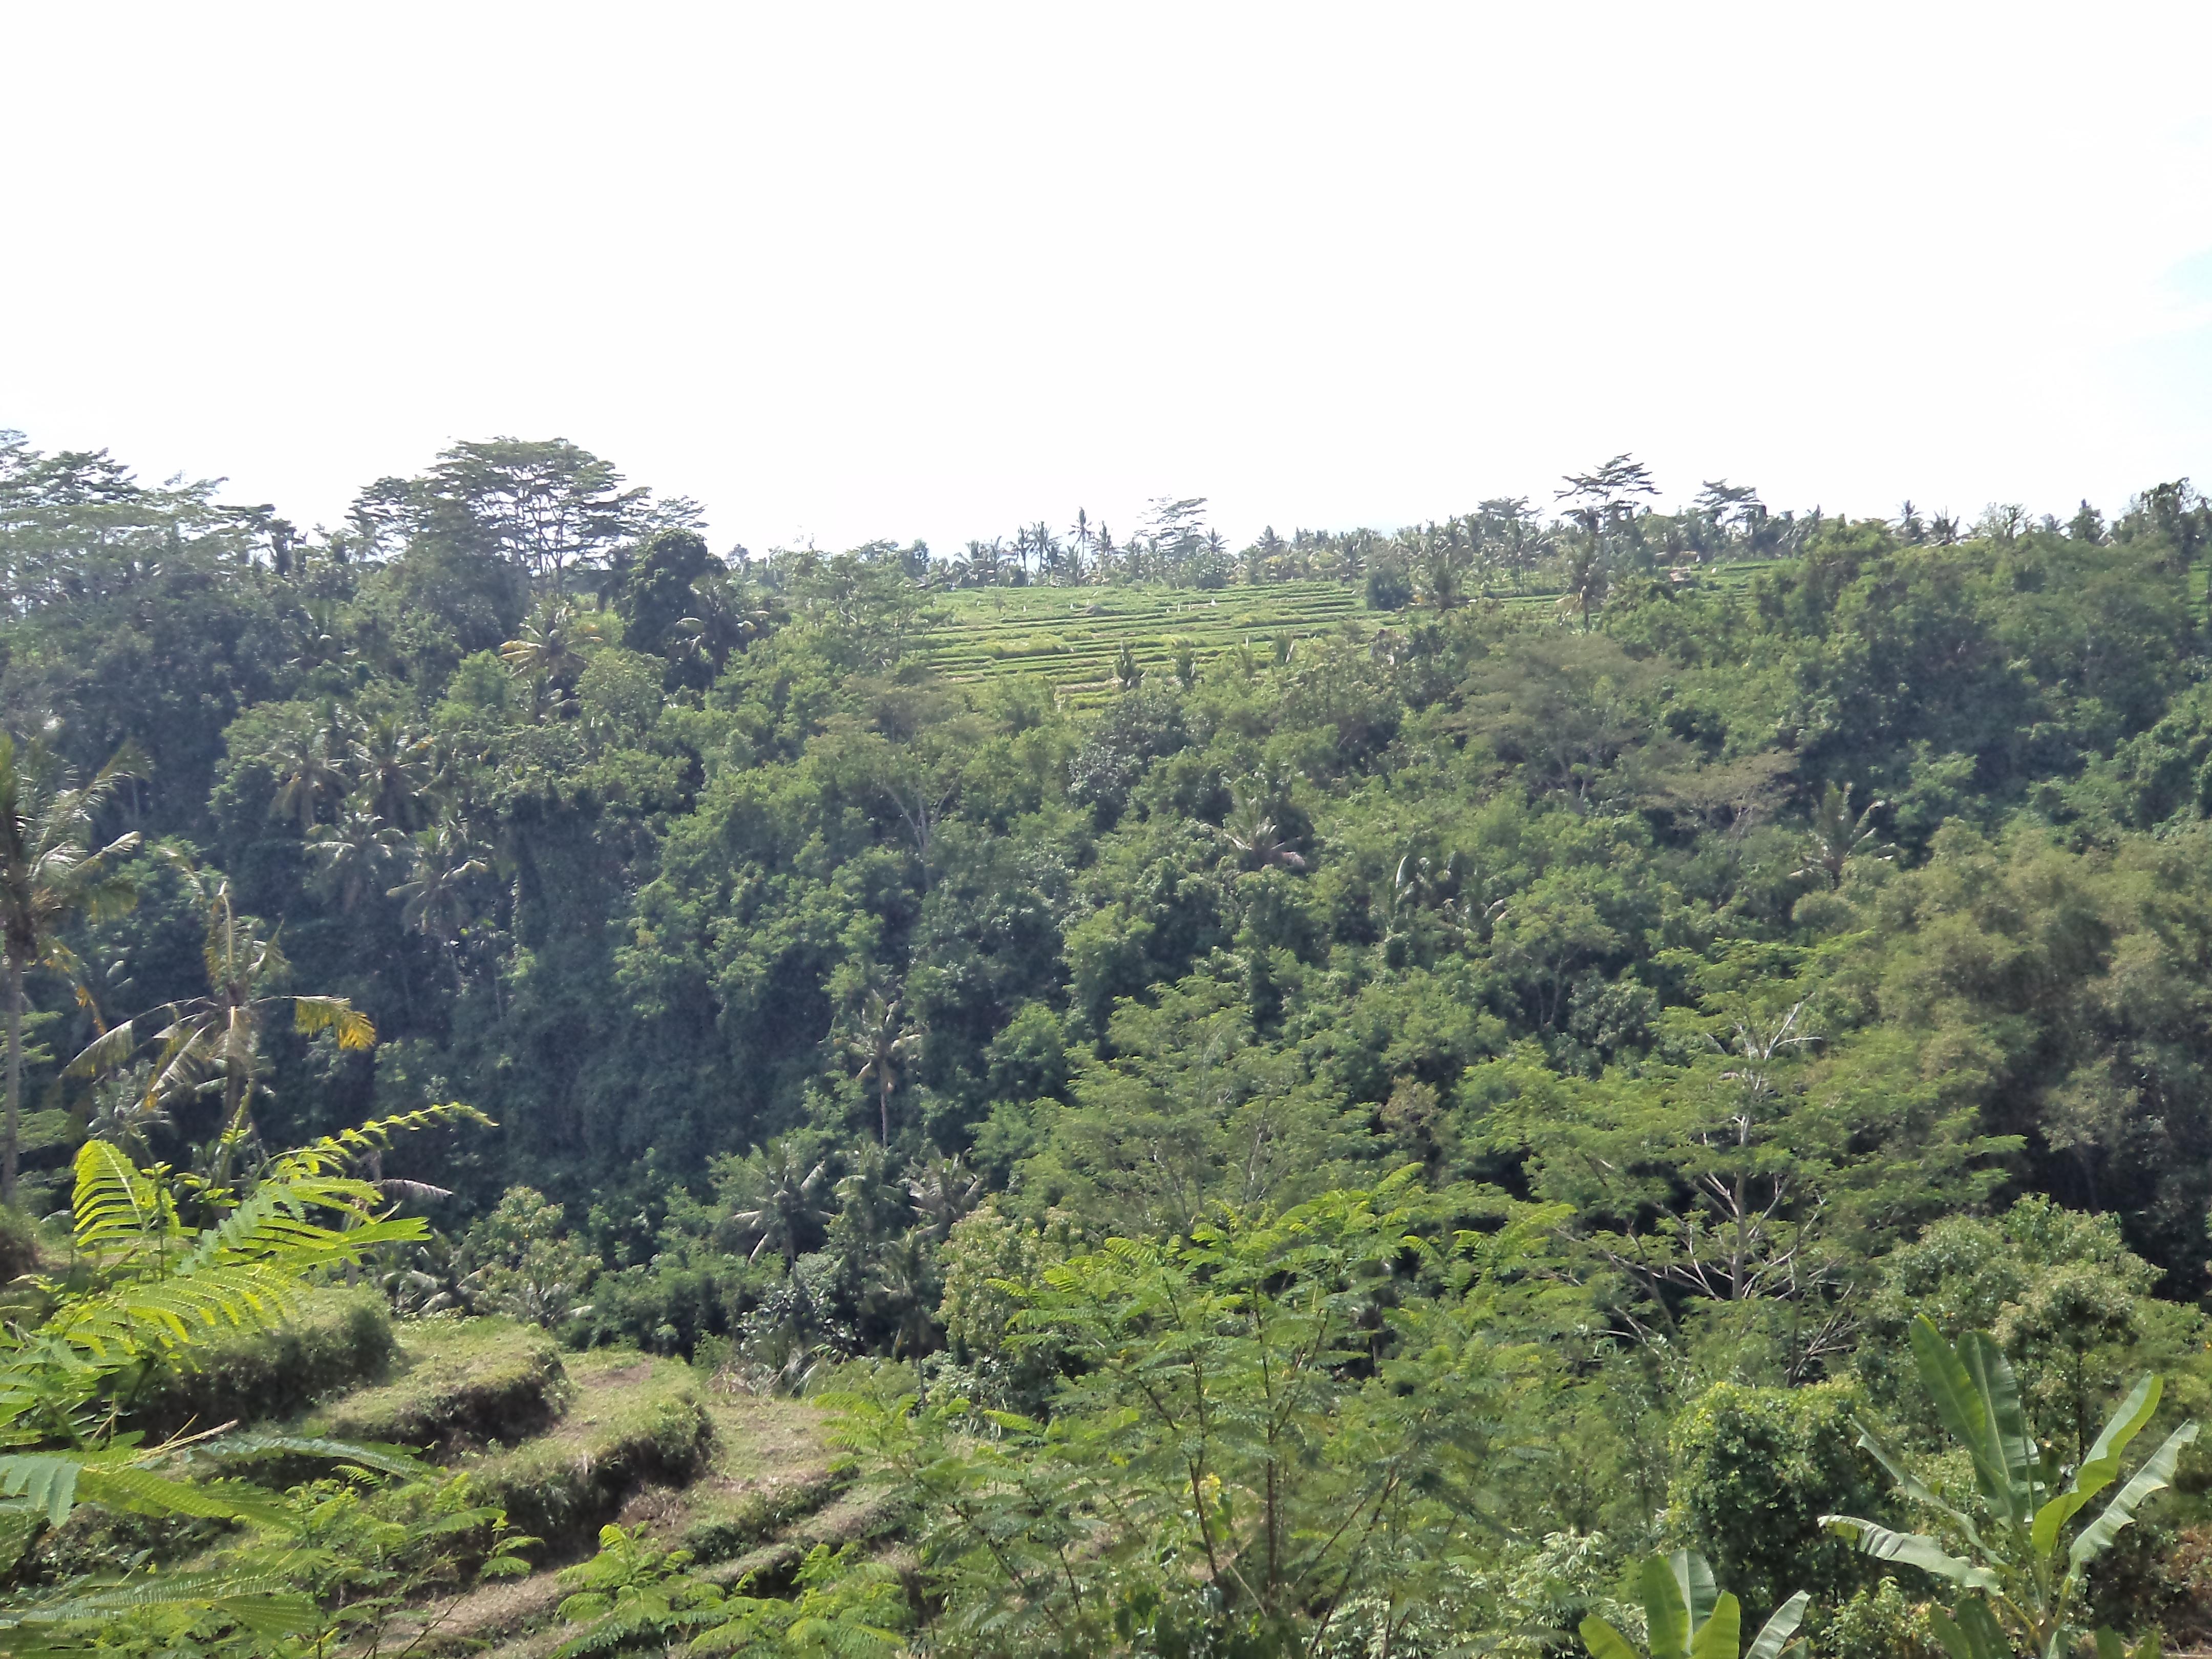 Siswa Kelas Vi Tour De Taman Nusa Gianyar Bali Mit